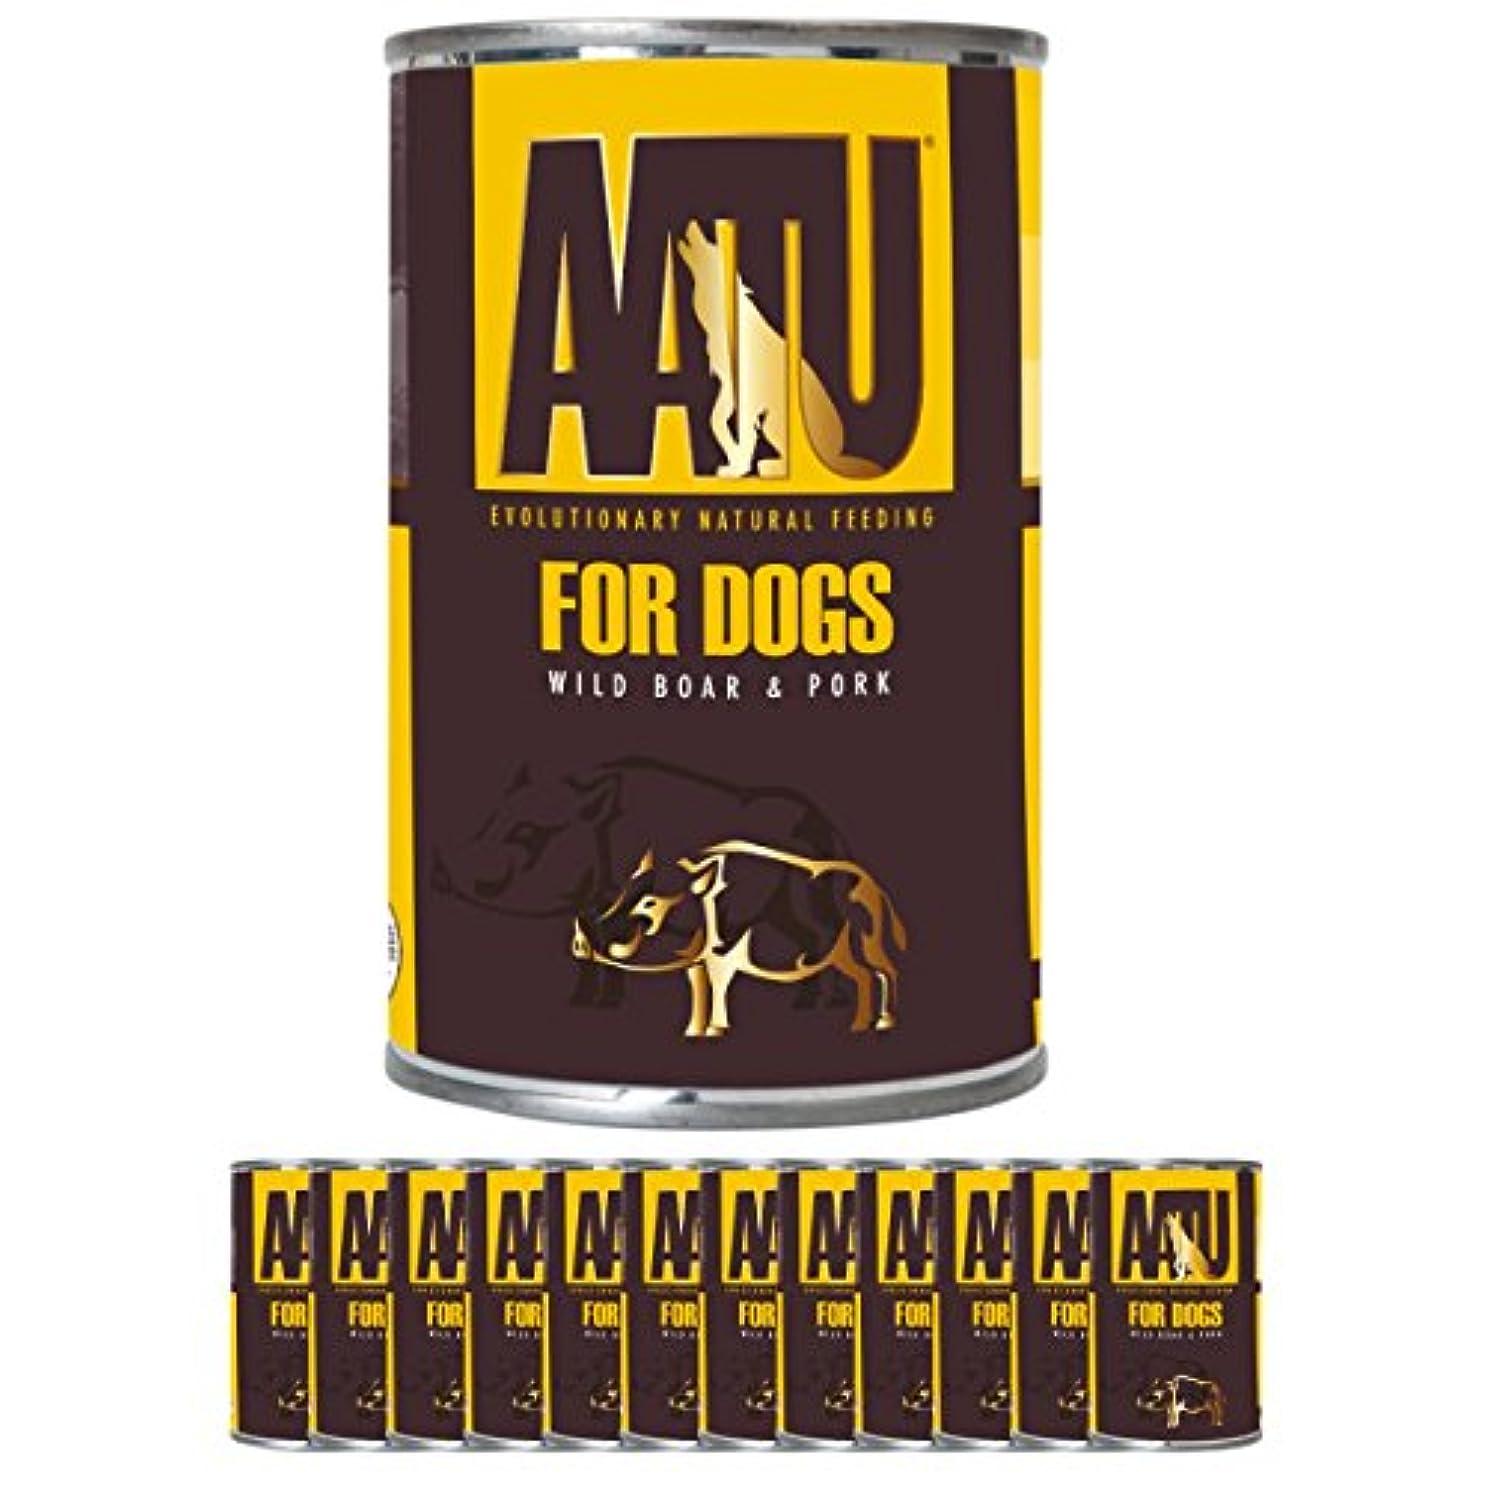 慈悲見えるスーダン【まとめ買い】AATU 犬用ポーク&ワイルドボア400g×12缶 ウェットフード 缶詰